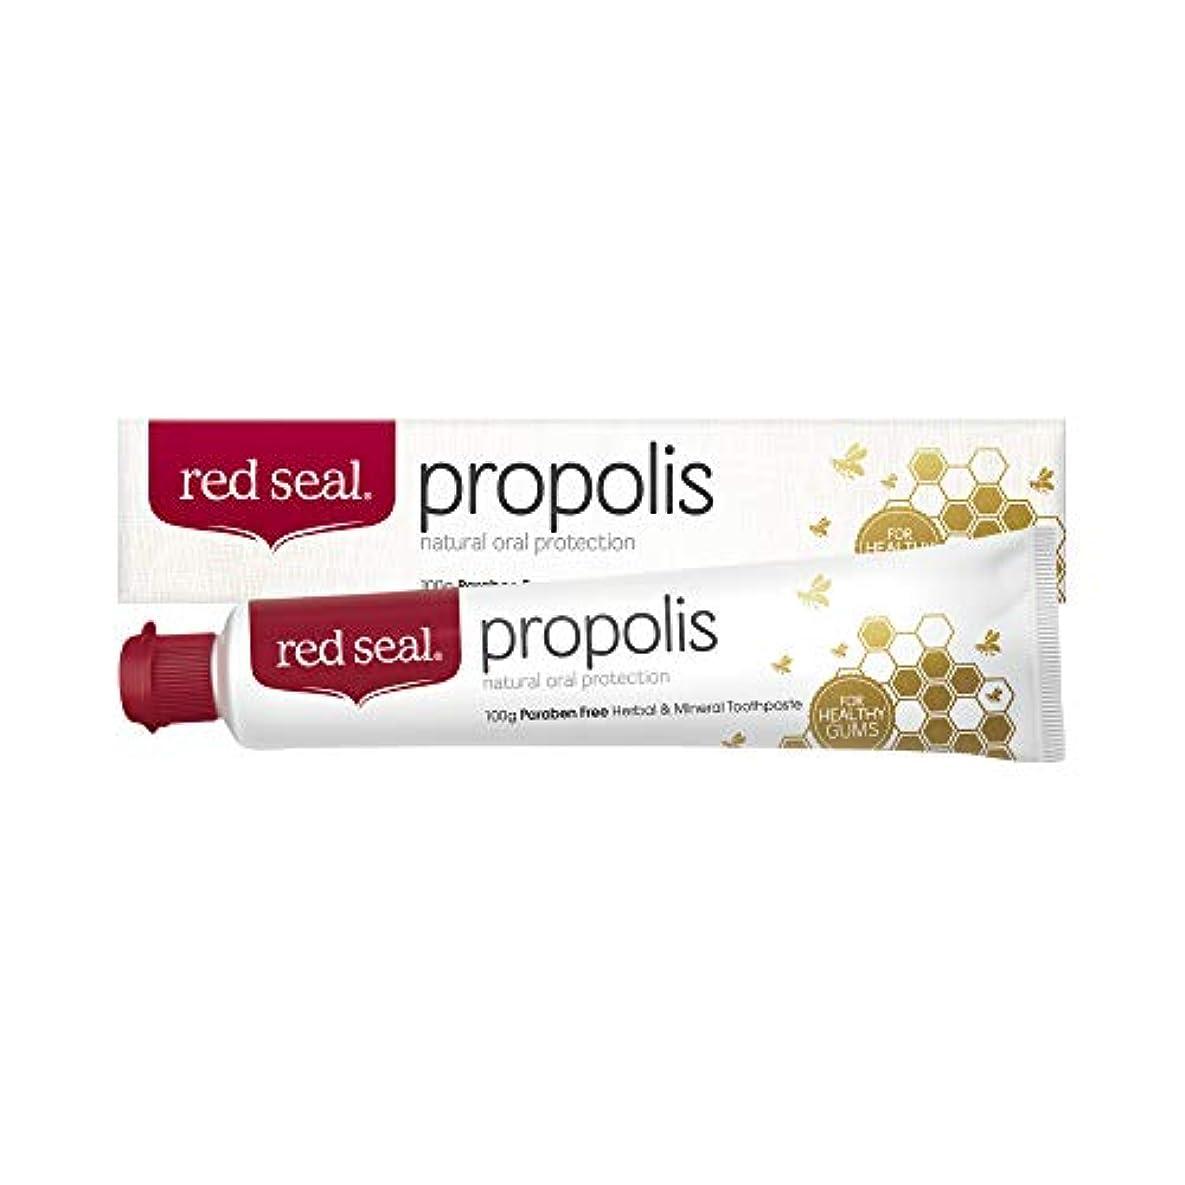 くびれた表現おそらく【正規輸入商品】レッドシール 歯磨き粉 プロポリス 100g [ red seal/propolis ]